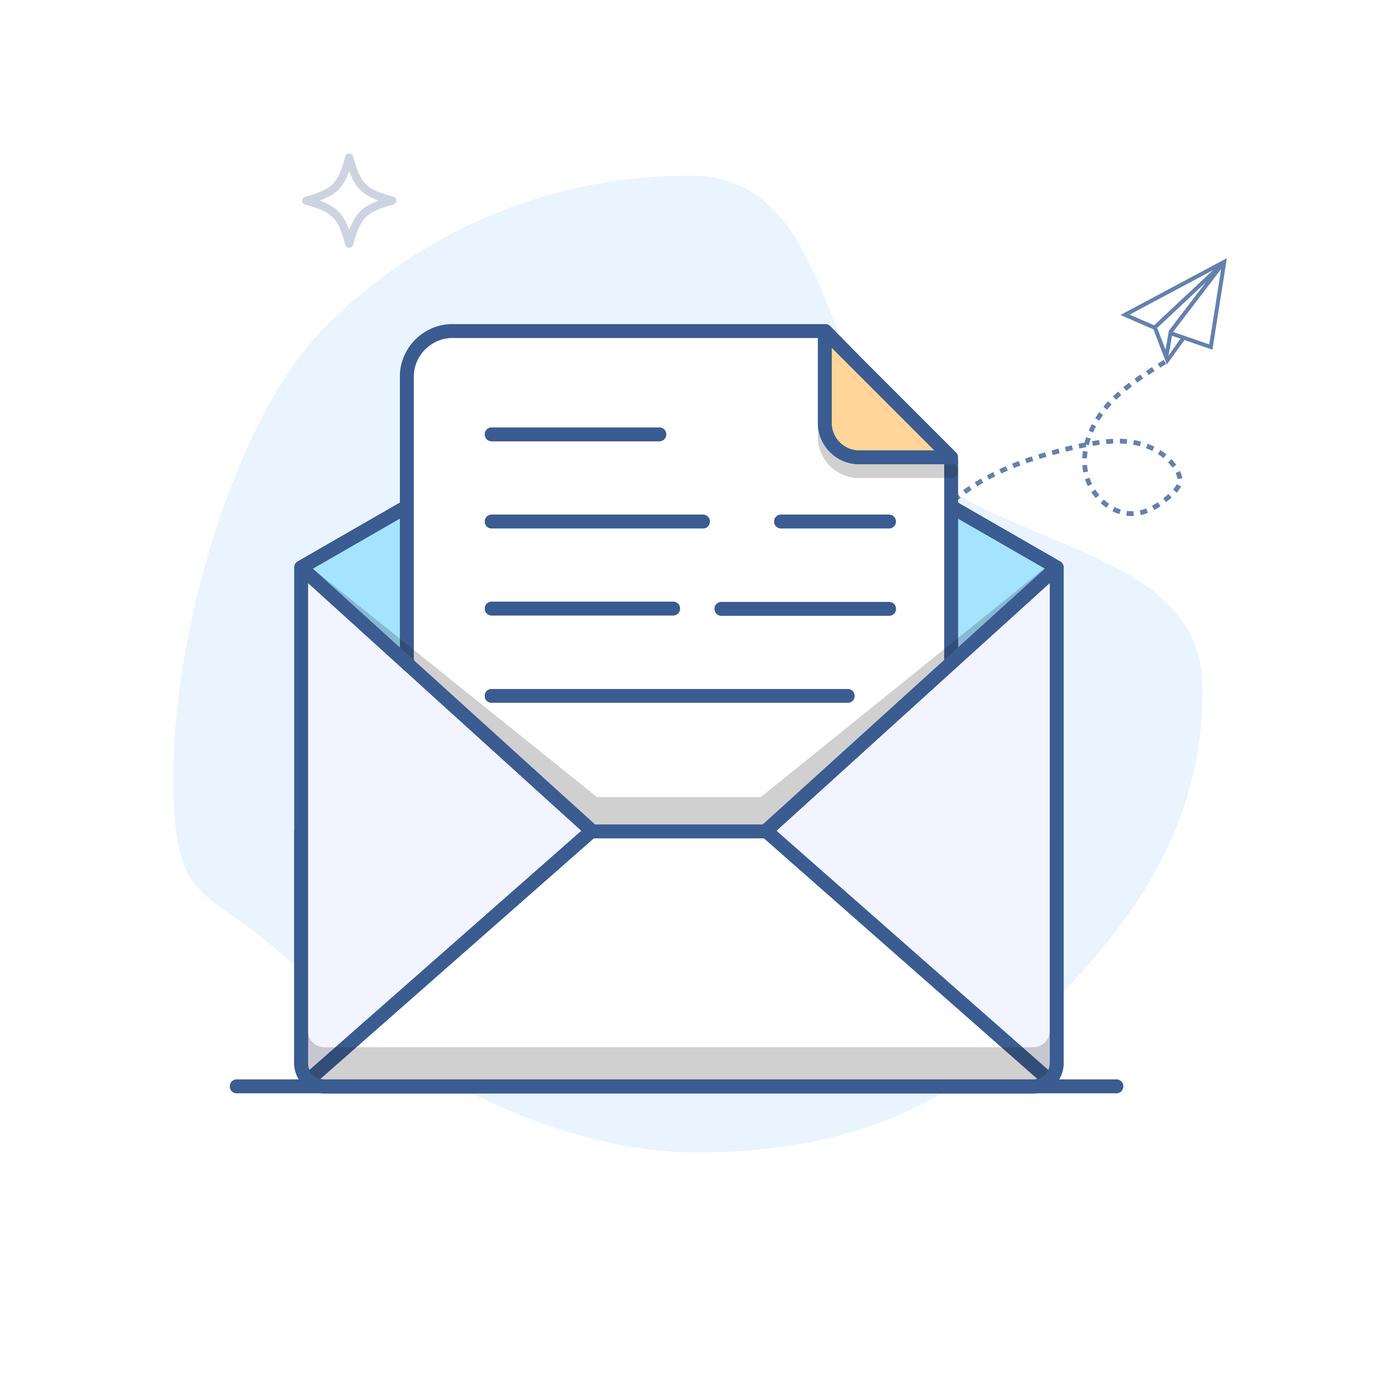 email illustration.jpg